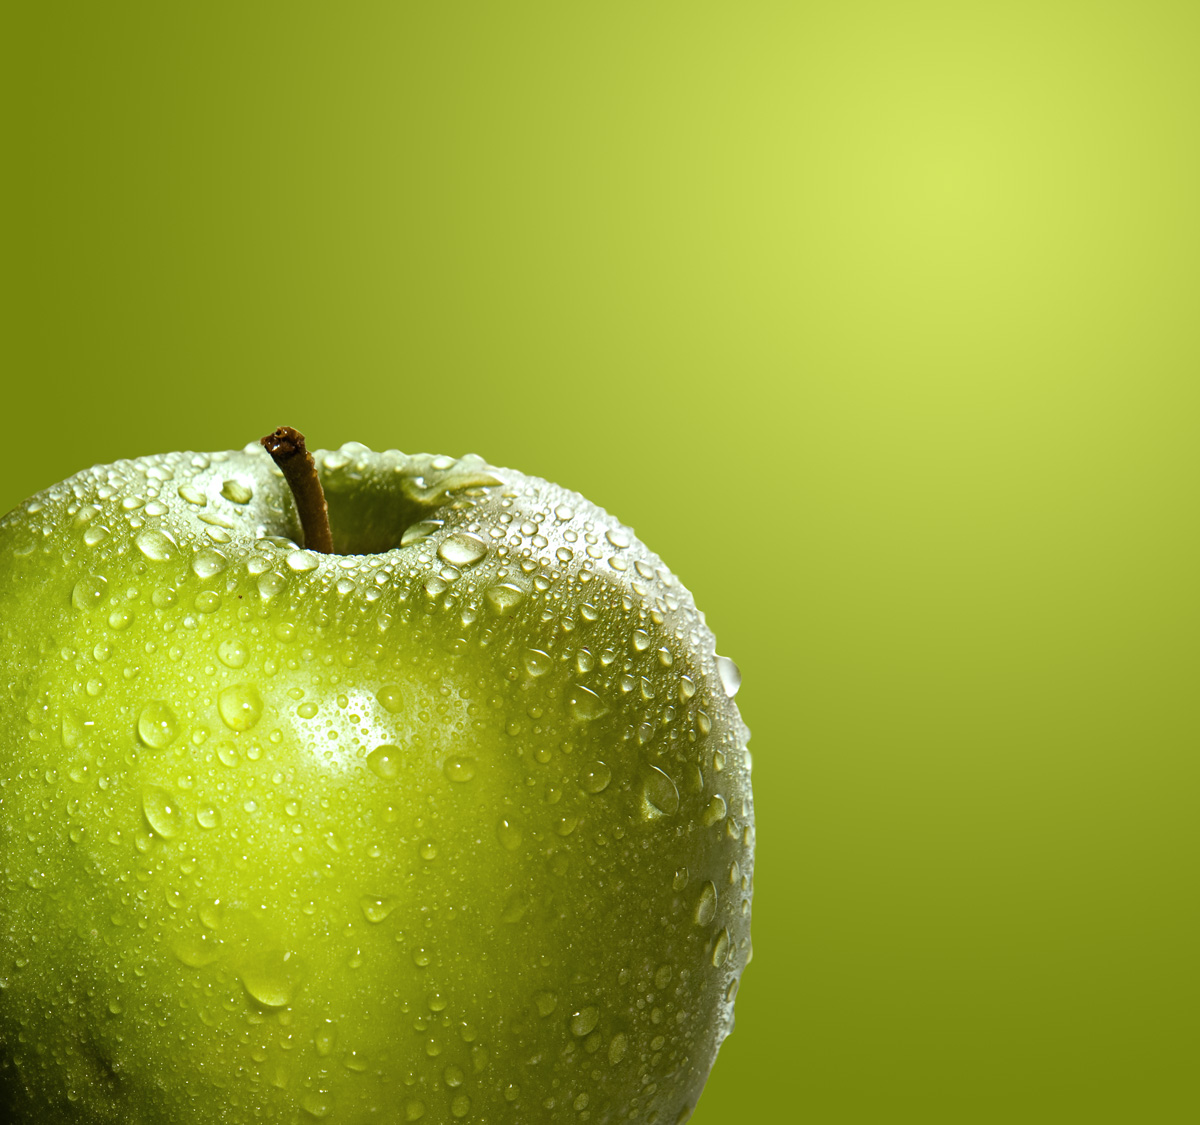 http://1.bp.blogspot.com/-qbAP6DAvohU/TVl1TEC1a7I/AAAAAAAAABE/AaDiydgts-w/s1600/green%20apple.jpg